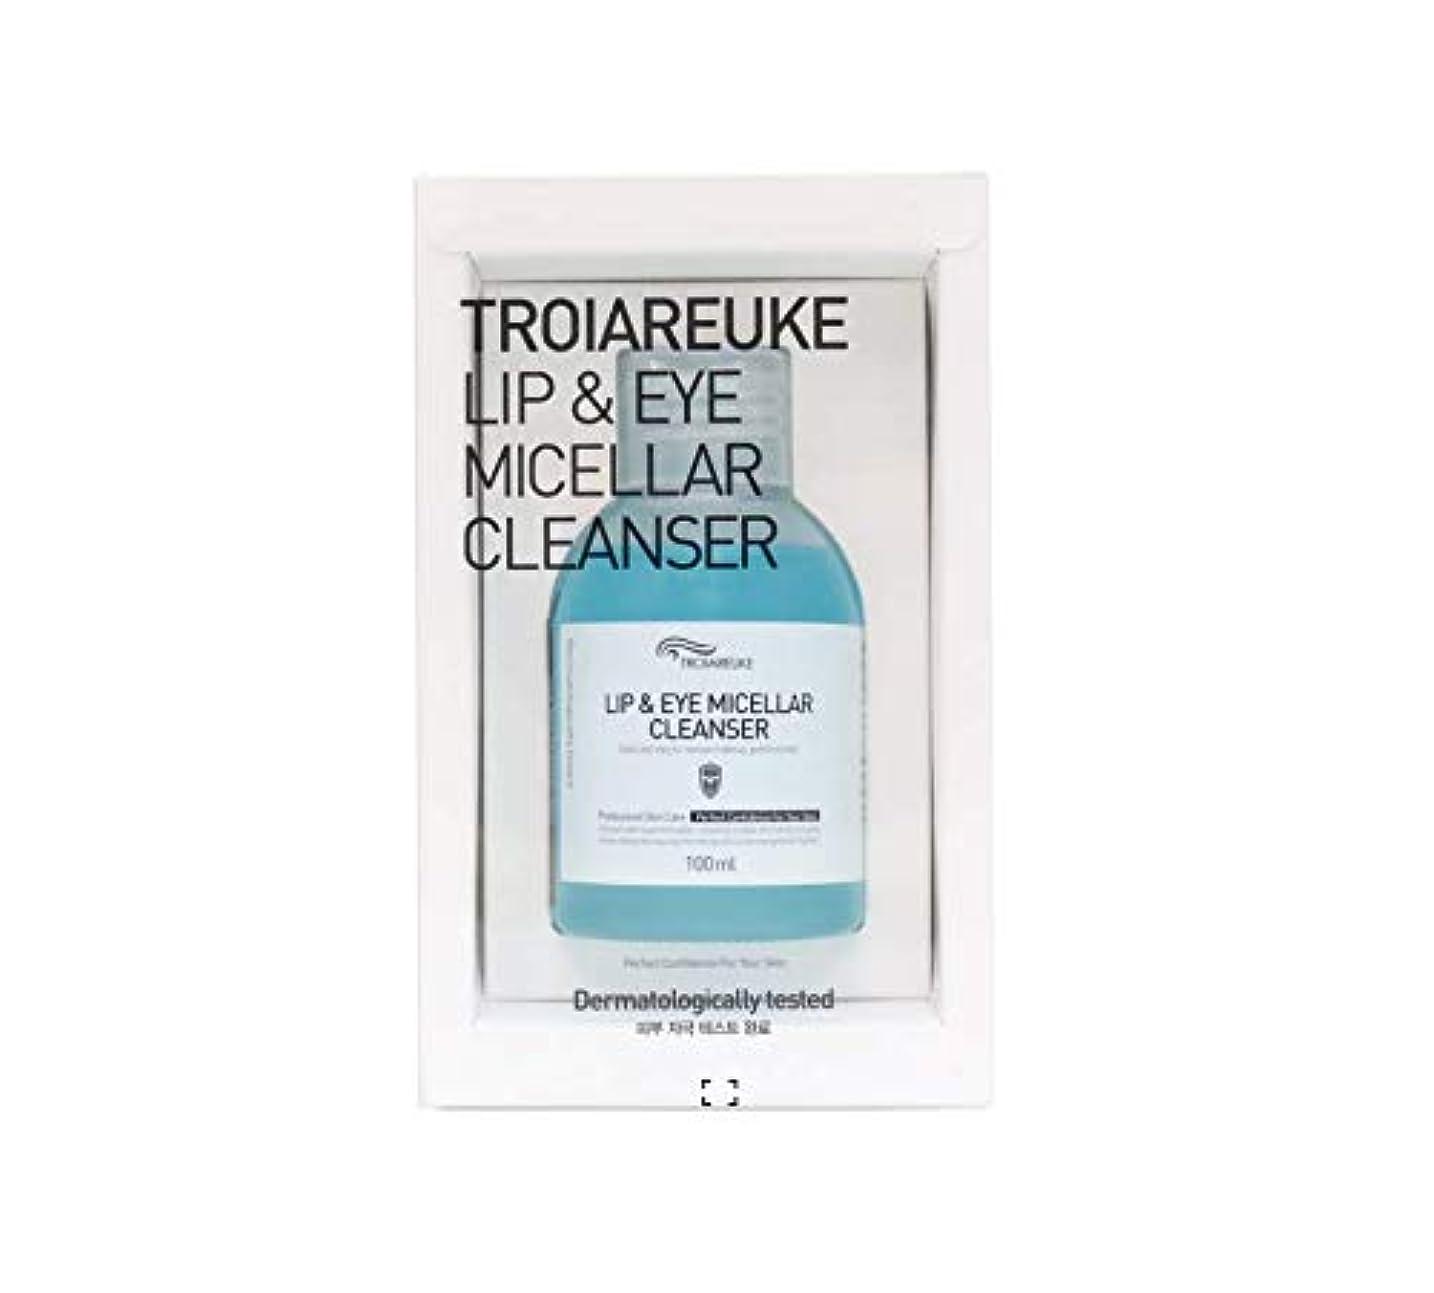 常にリブ目を覚ますTROIAREUKE (トロイアルケ) リップ & アイ ミセラー クレンザー / Lip & Eye Micellar Cleanser (100ml) [並行輸入品]